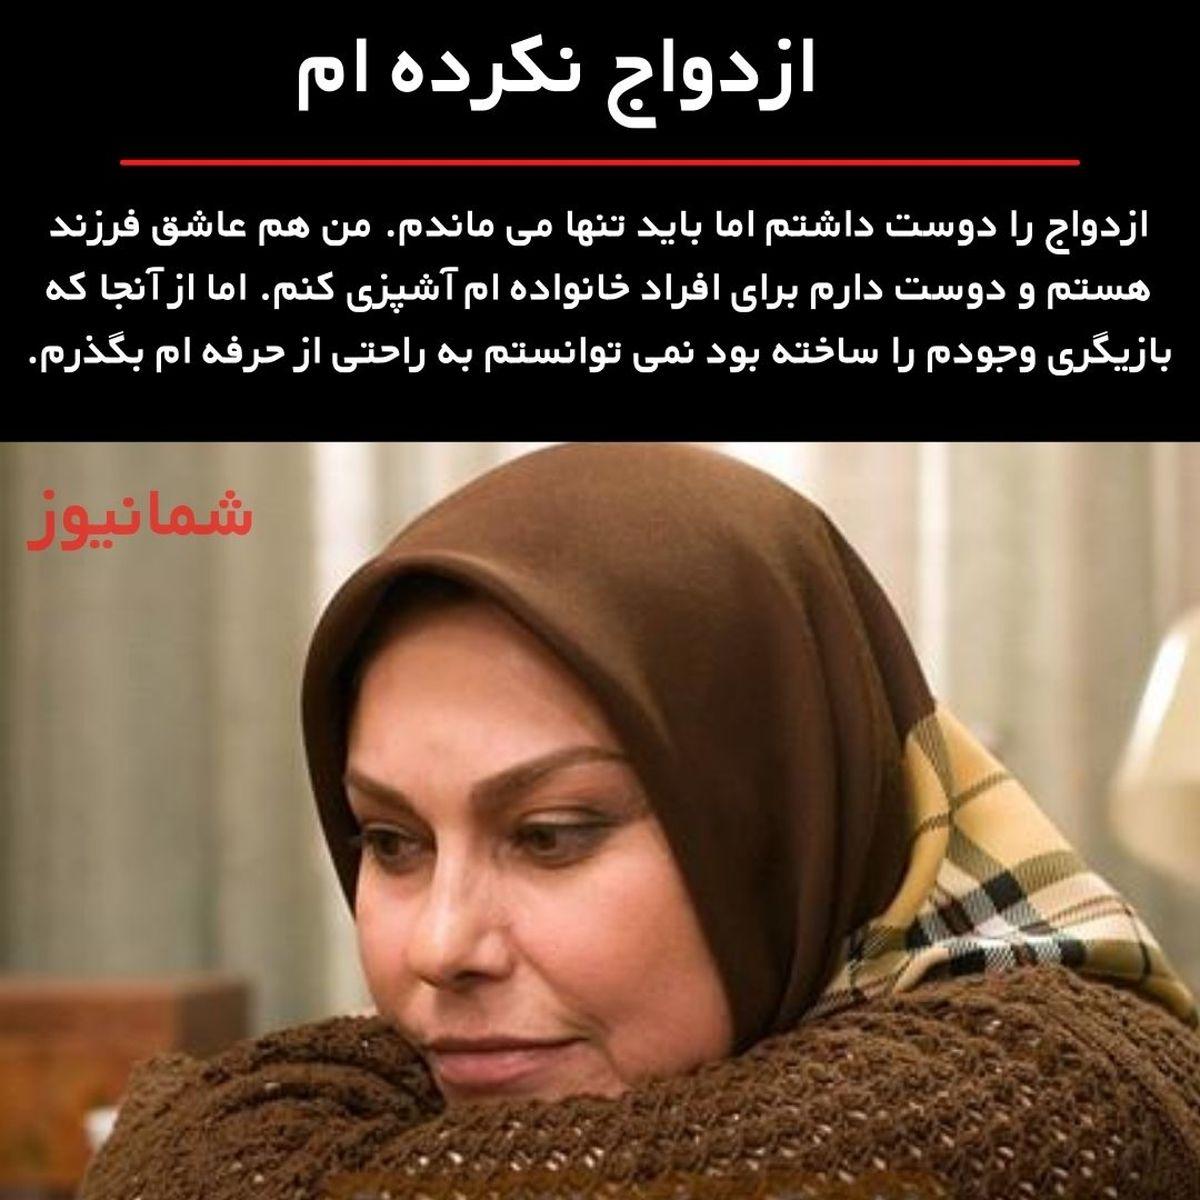 دلیل ازدواج نکردن مهرانه مهین ترابی فاش شد + عکس